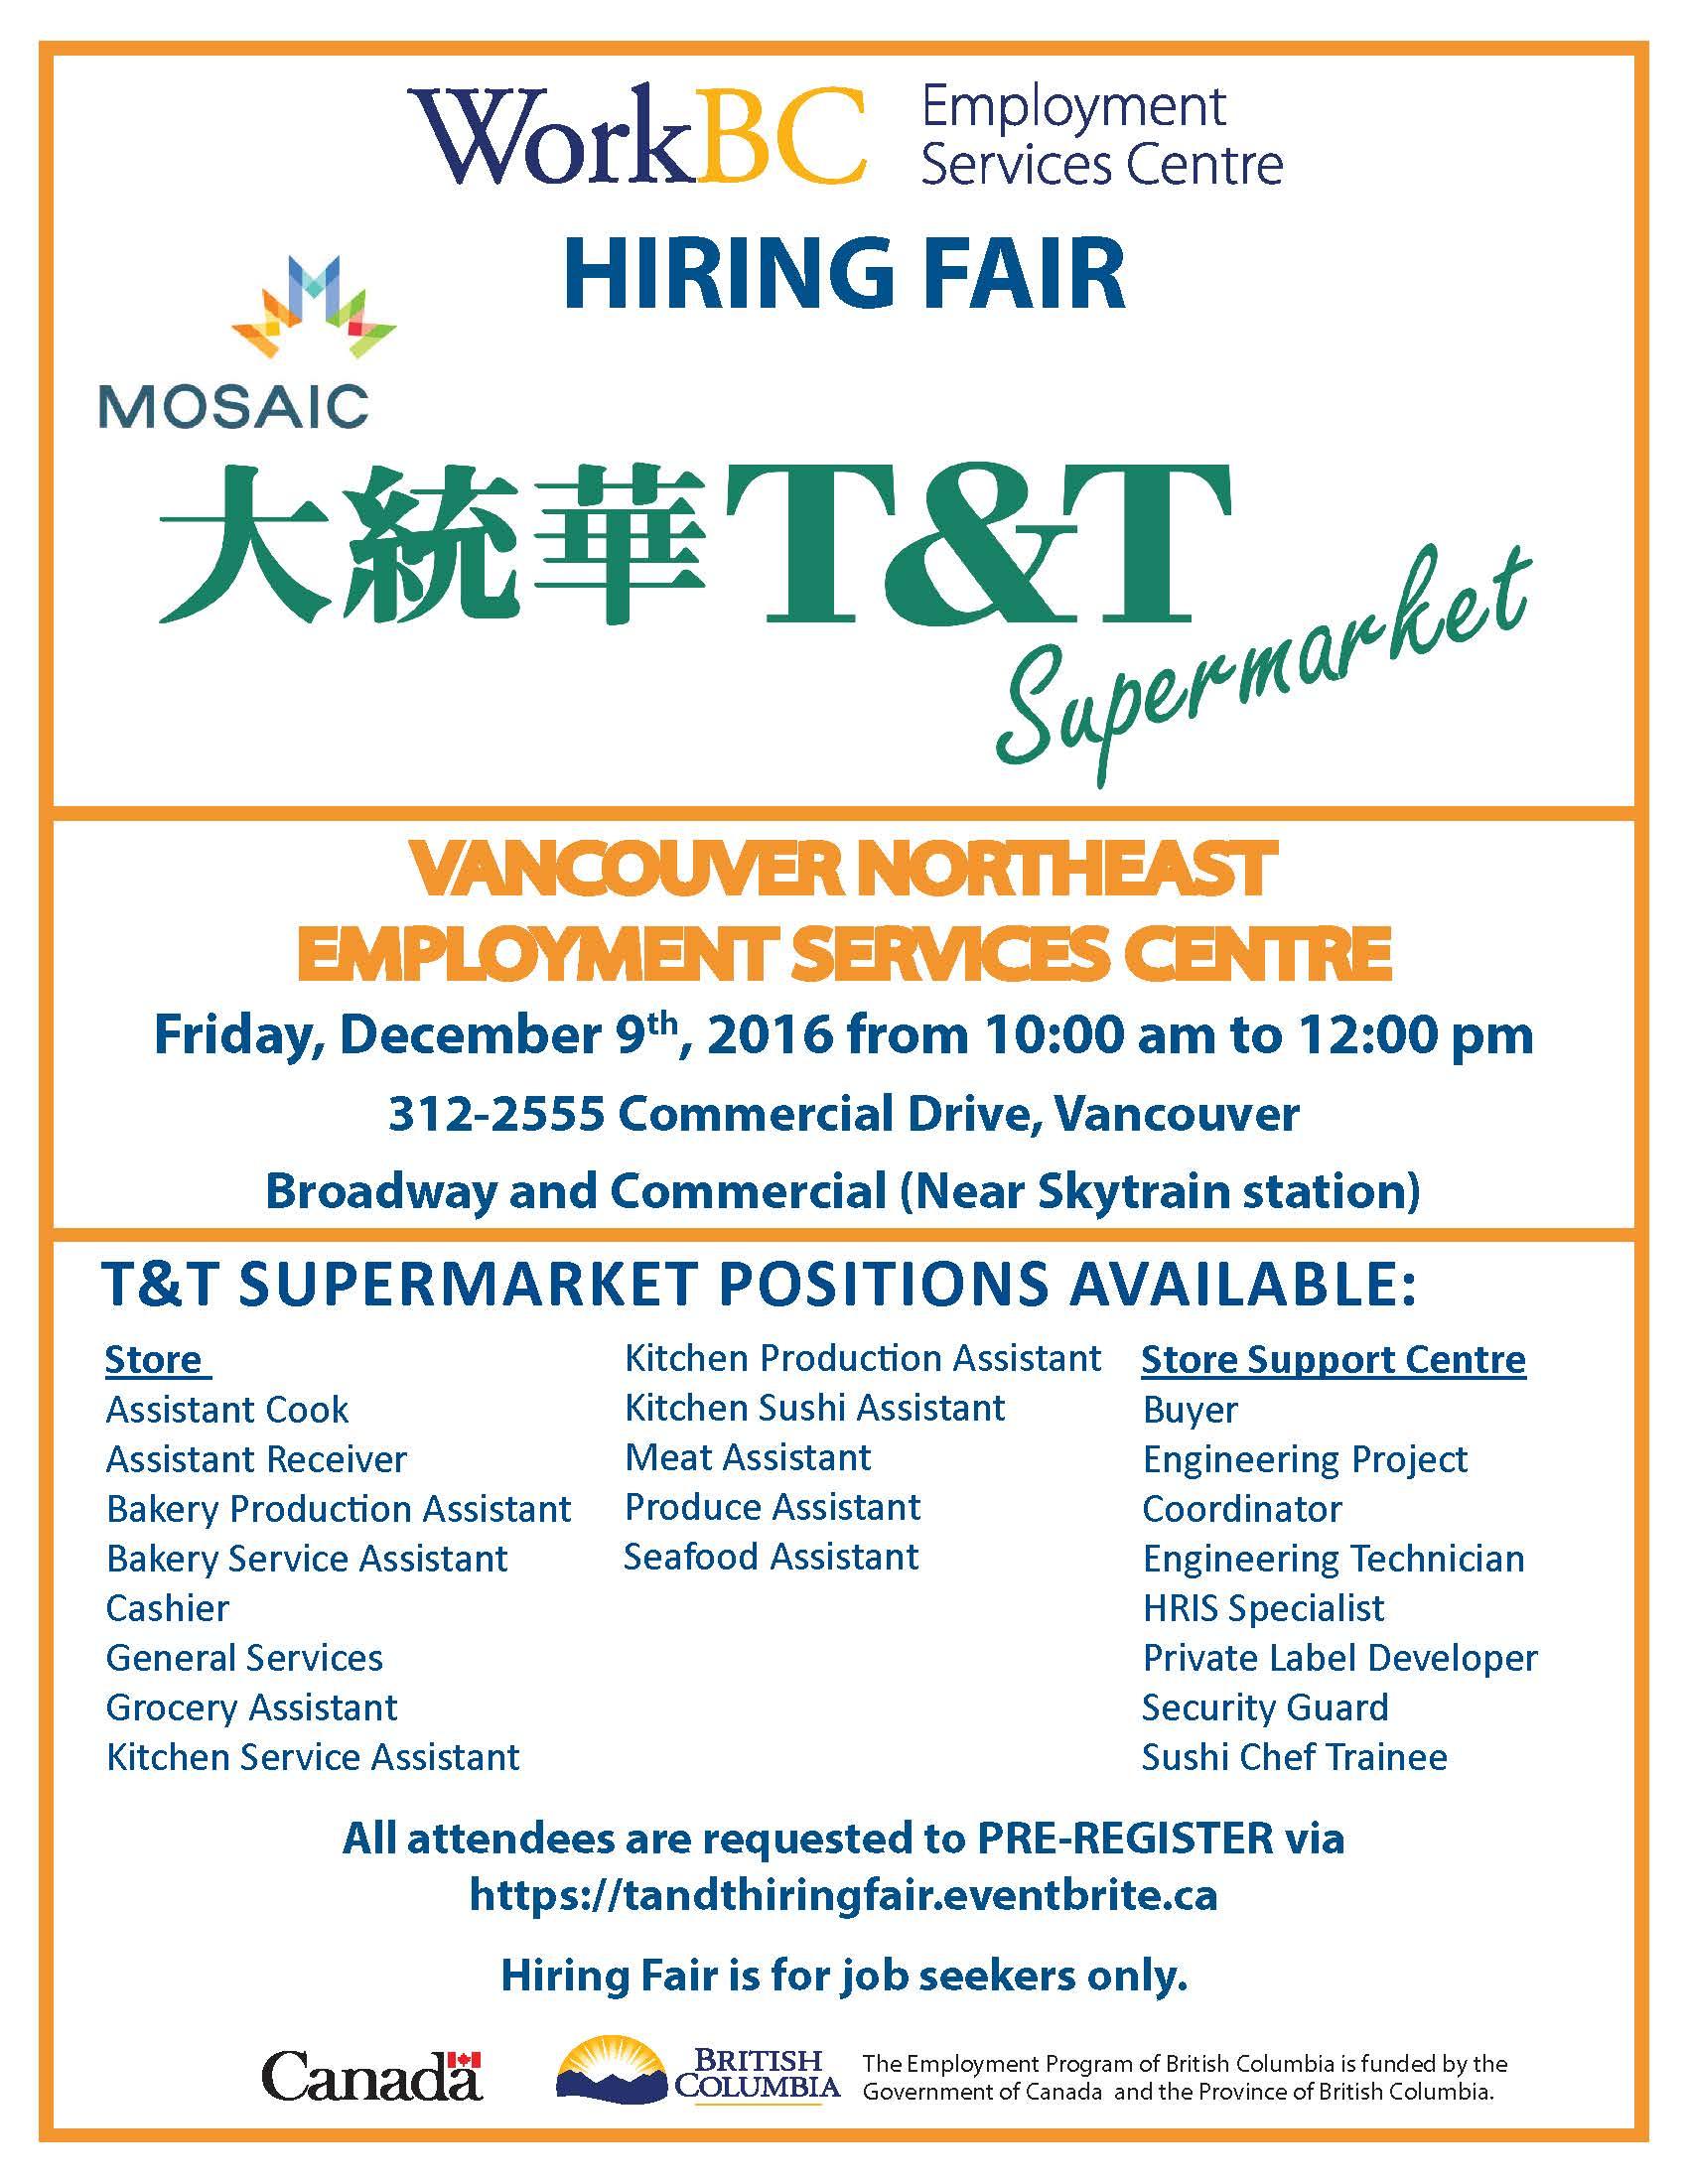 T&T Supermarket Hiring Fair - MOSAIC